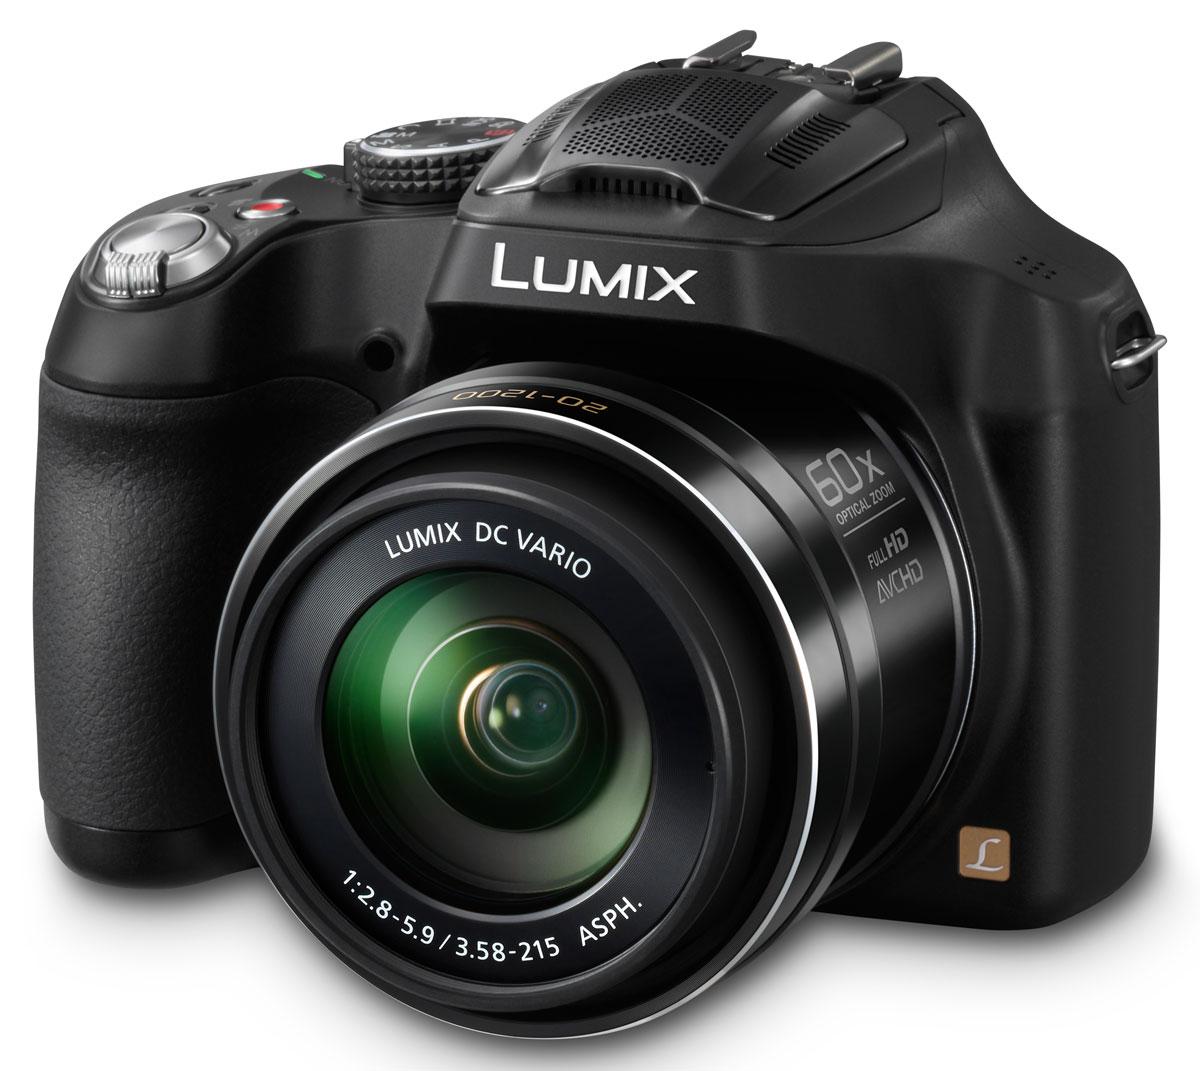 Panasonic Lumix DMC-FZ72 Black цифровая фотокамераDMC-FZ72EE-KЦифровая фотокамера PAnasonic Lumix DMC-FZ72 предлагает мощный оптический зум и широкие возможности ручного управления. Фотоаппарат оснащен универсальным широкоугольным объективом Lumix DC Vario с фокусным расстоянием 20 мм и 60х оптическим зумом (20—1200 мм в эквиваленте 35 мм камеры), который прекрасно подходит как для съемки пейзажей, так и, например, диких животных и птиц с большого расстояния.Широкоугольный объектив с 60х оптическим зумом и оптической стабилизацией изображения POWER O.I.S.:Фотоаппарат DMC-FZ72 оснащен универсальным широкоугольным объективом Lumix DC Vario с фокусным расстоянием 20 мм и 60х оптическим зумом (20—1200 мм в эквиваленте 35 мм камеры). Конструкция объектива включает 14 элементов, объединенных в 12 групп, в том числе 3 линзы со сверхнизкой дисперсией и 6 асферических линз с 9 асферическими поверхностями — такое решение позволило добиться невероятной компактности корпуса при высочайшем качестве изображения. Функция Интеллектуальный зум позволяет расширить диапазон зуммирования до 120х — это стало возможным благодаря технологии Интеллектуальное разрешение, сохраняющей качество изображения даже при цифровом масштабировании. А оптический стабилизатор изображения POWER O.I.S. эффективно подавляет размытие изображения, вызванное дрожанием рук.Высококачественная Full HD видеосъемка с разрешением 1920х1080 пикселей:Фотоаппарат DMC-FZ72 поддерживает Full HD видеосъемку с разрешением 1920х1080/60i(NTSC) / 50i(PAL) в формате AVCHD (MPEG-4/H.264). При этом на корпусе камеры предусмотрена отдельная кнопка, позволяющая мгновенно начать съемку видео прямо из фоторежима без изменения каких-либо дополнительных настроек. Высочайшего качество звука удалось добиться благодаря технологии Dolby Digital Stereo Creator и обновленному зум-микрофону с защитой от ветра — он подавляет шум ветра приблизительно на 70% эффективнее, чем аналогичная функция фотокамеры DMC-FZ62.MOS-сенсор с разрешением 16,1